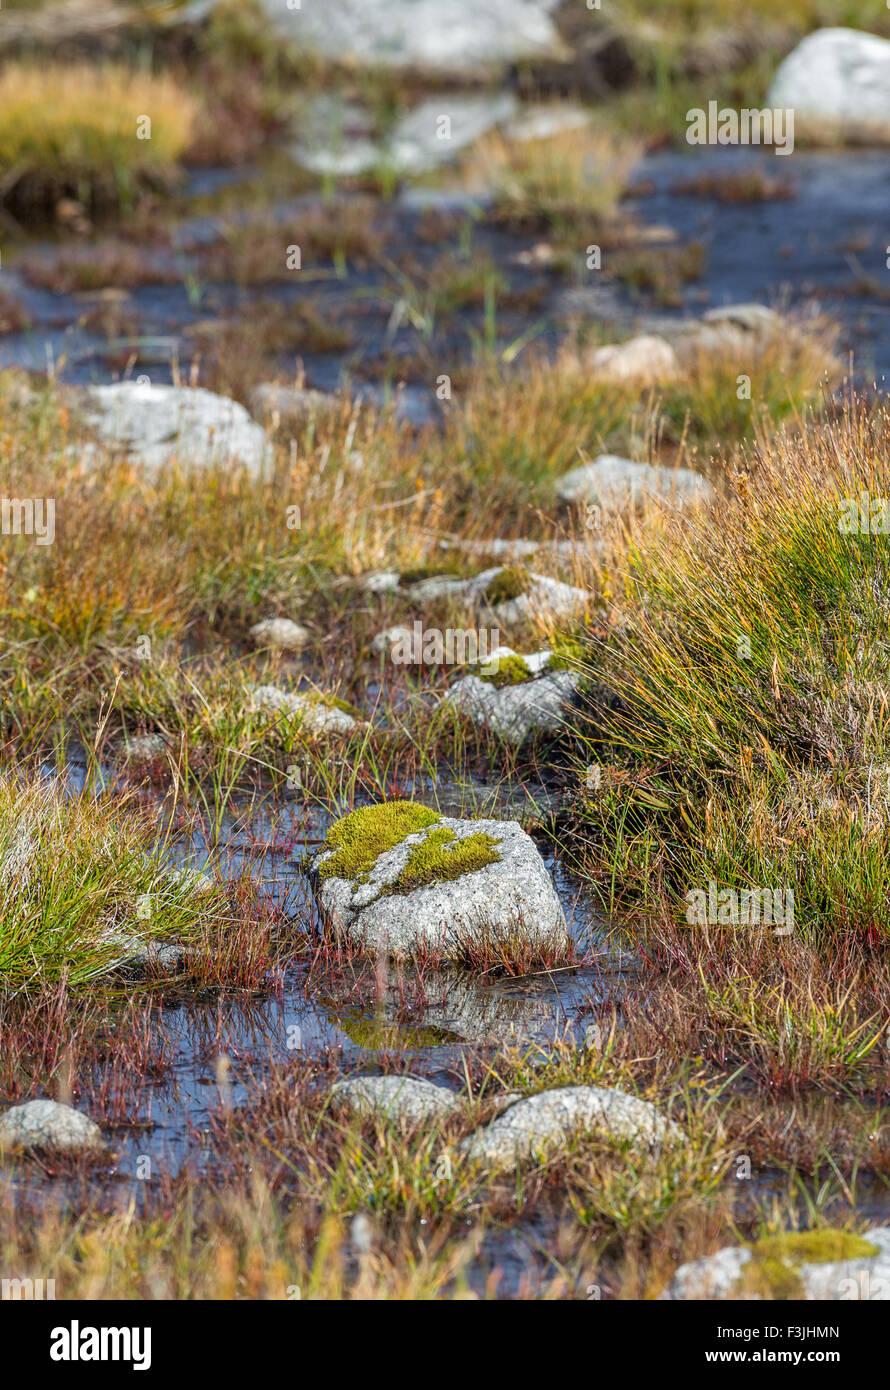 Cubiertas de musgo la roca expuesta en los pantanos en la cumbre de Aonach Mor en las Highlands escocesas. Foto de stock